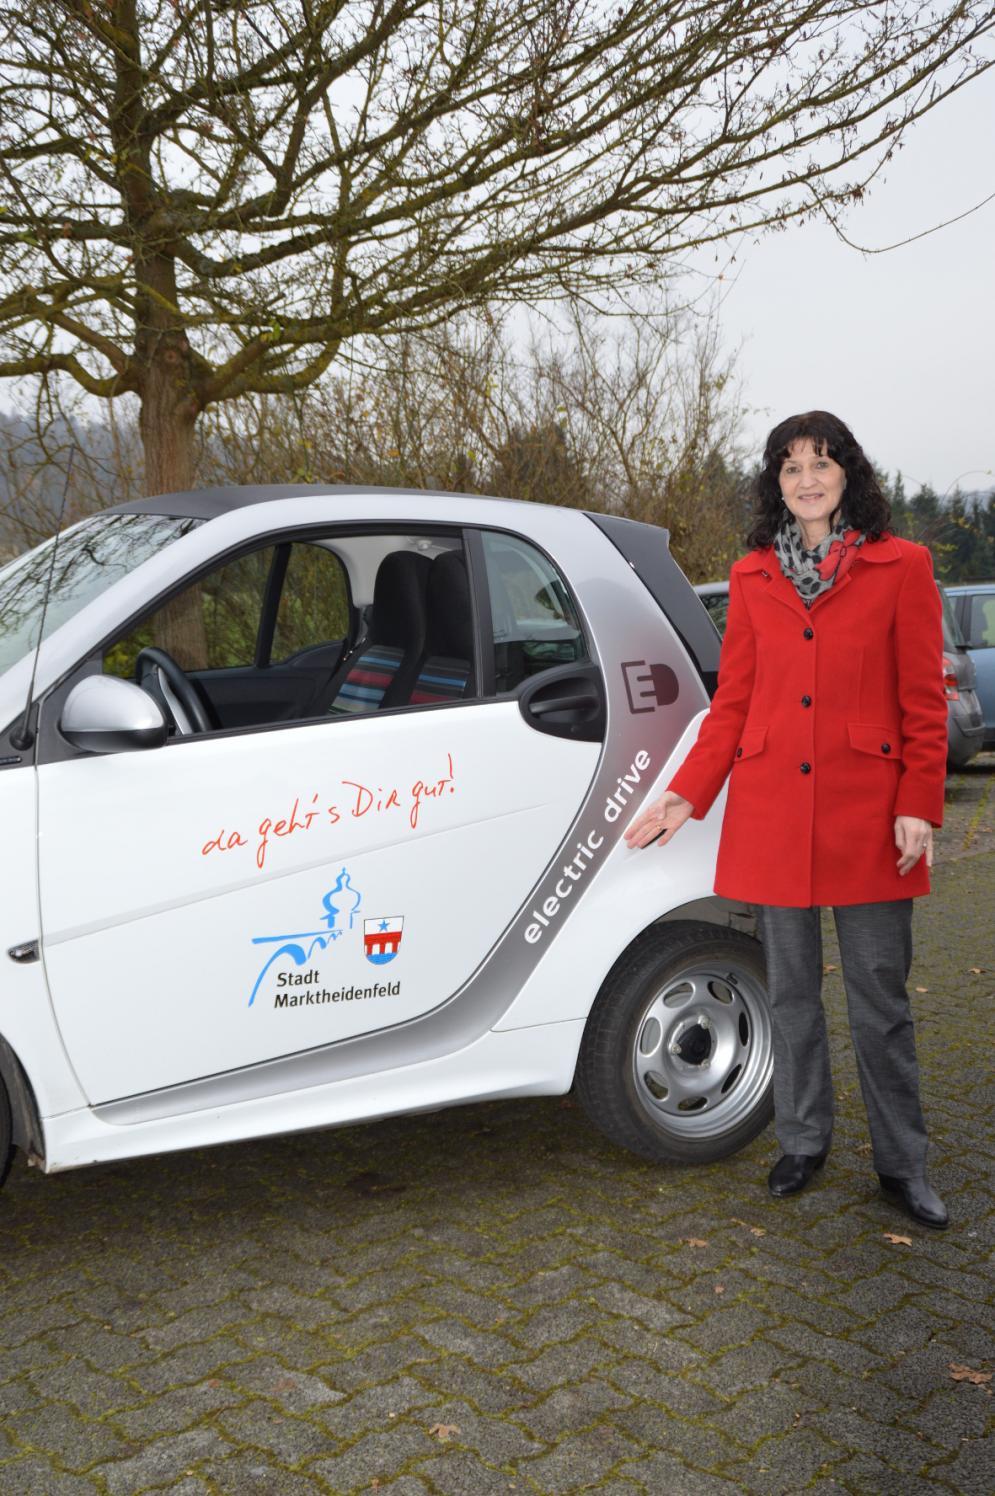 Elektroauto der Stadt Marktheidenfeld